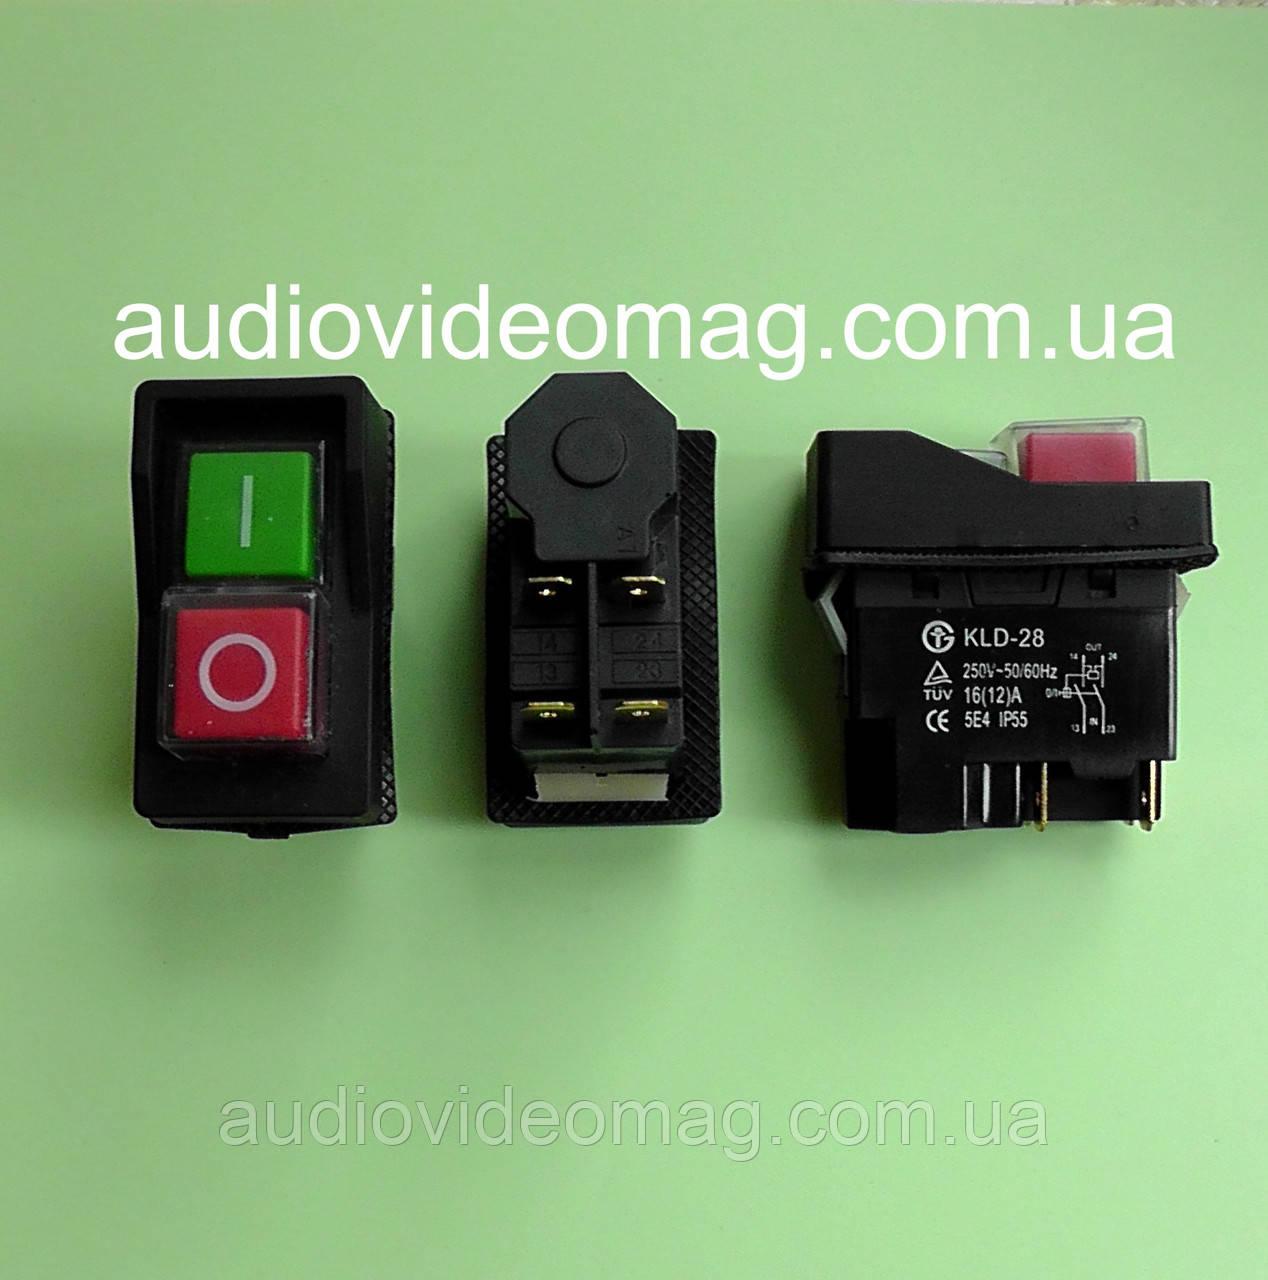 Пускова кнопка KLD-28A (магнітний пускач) для бетономішалки, 4 контакту